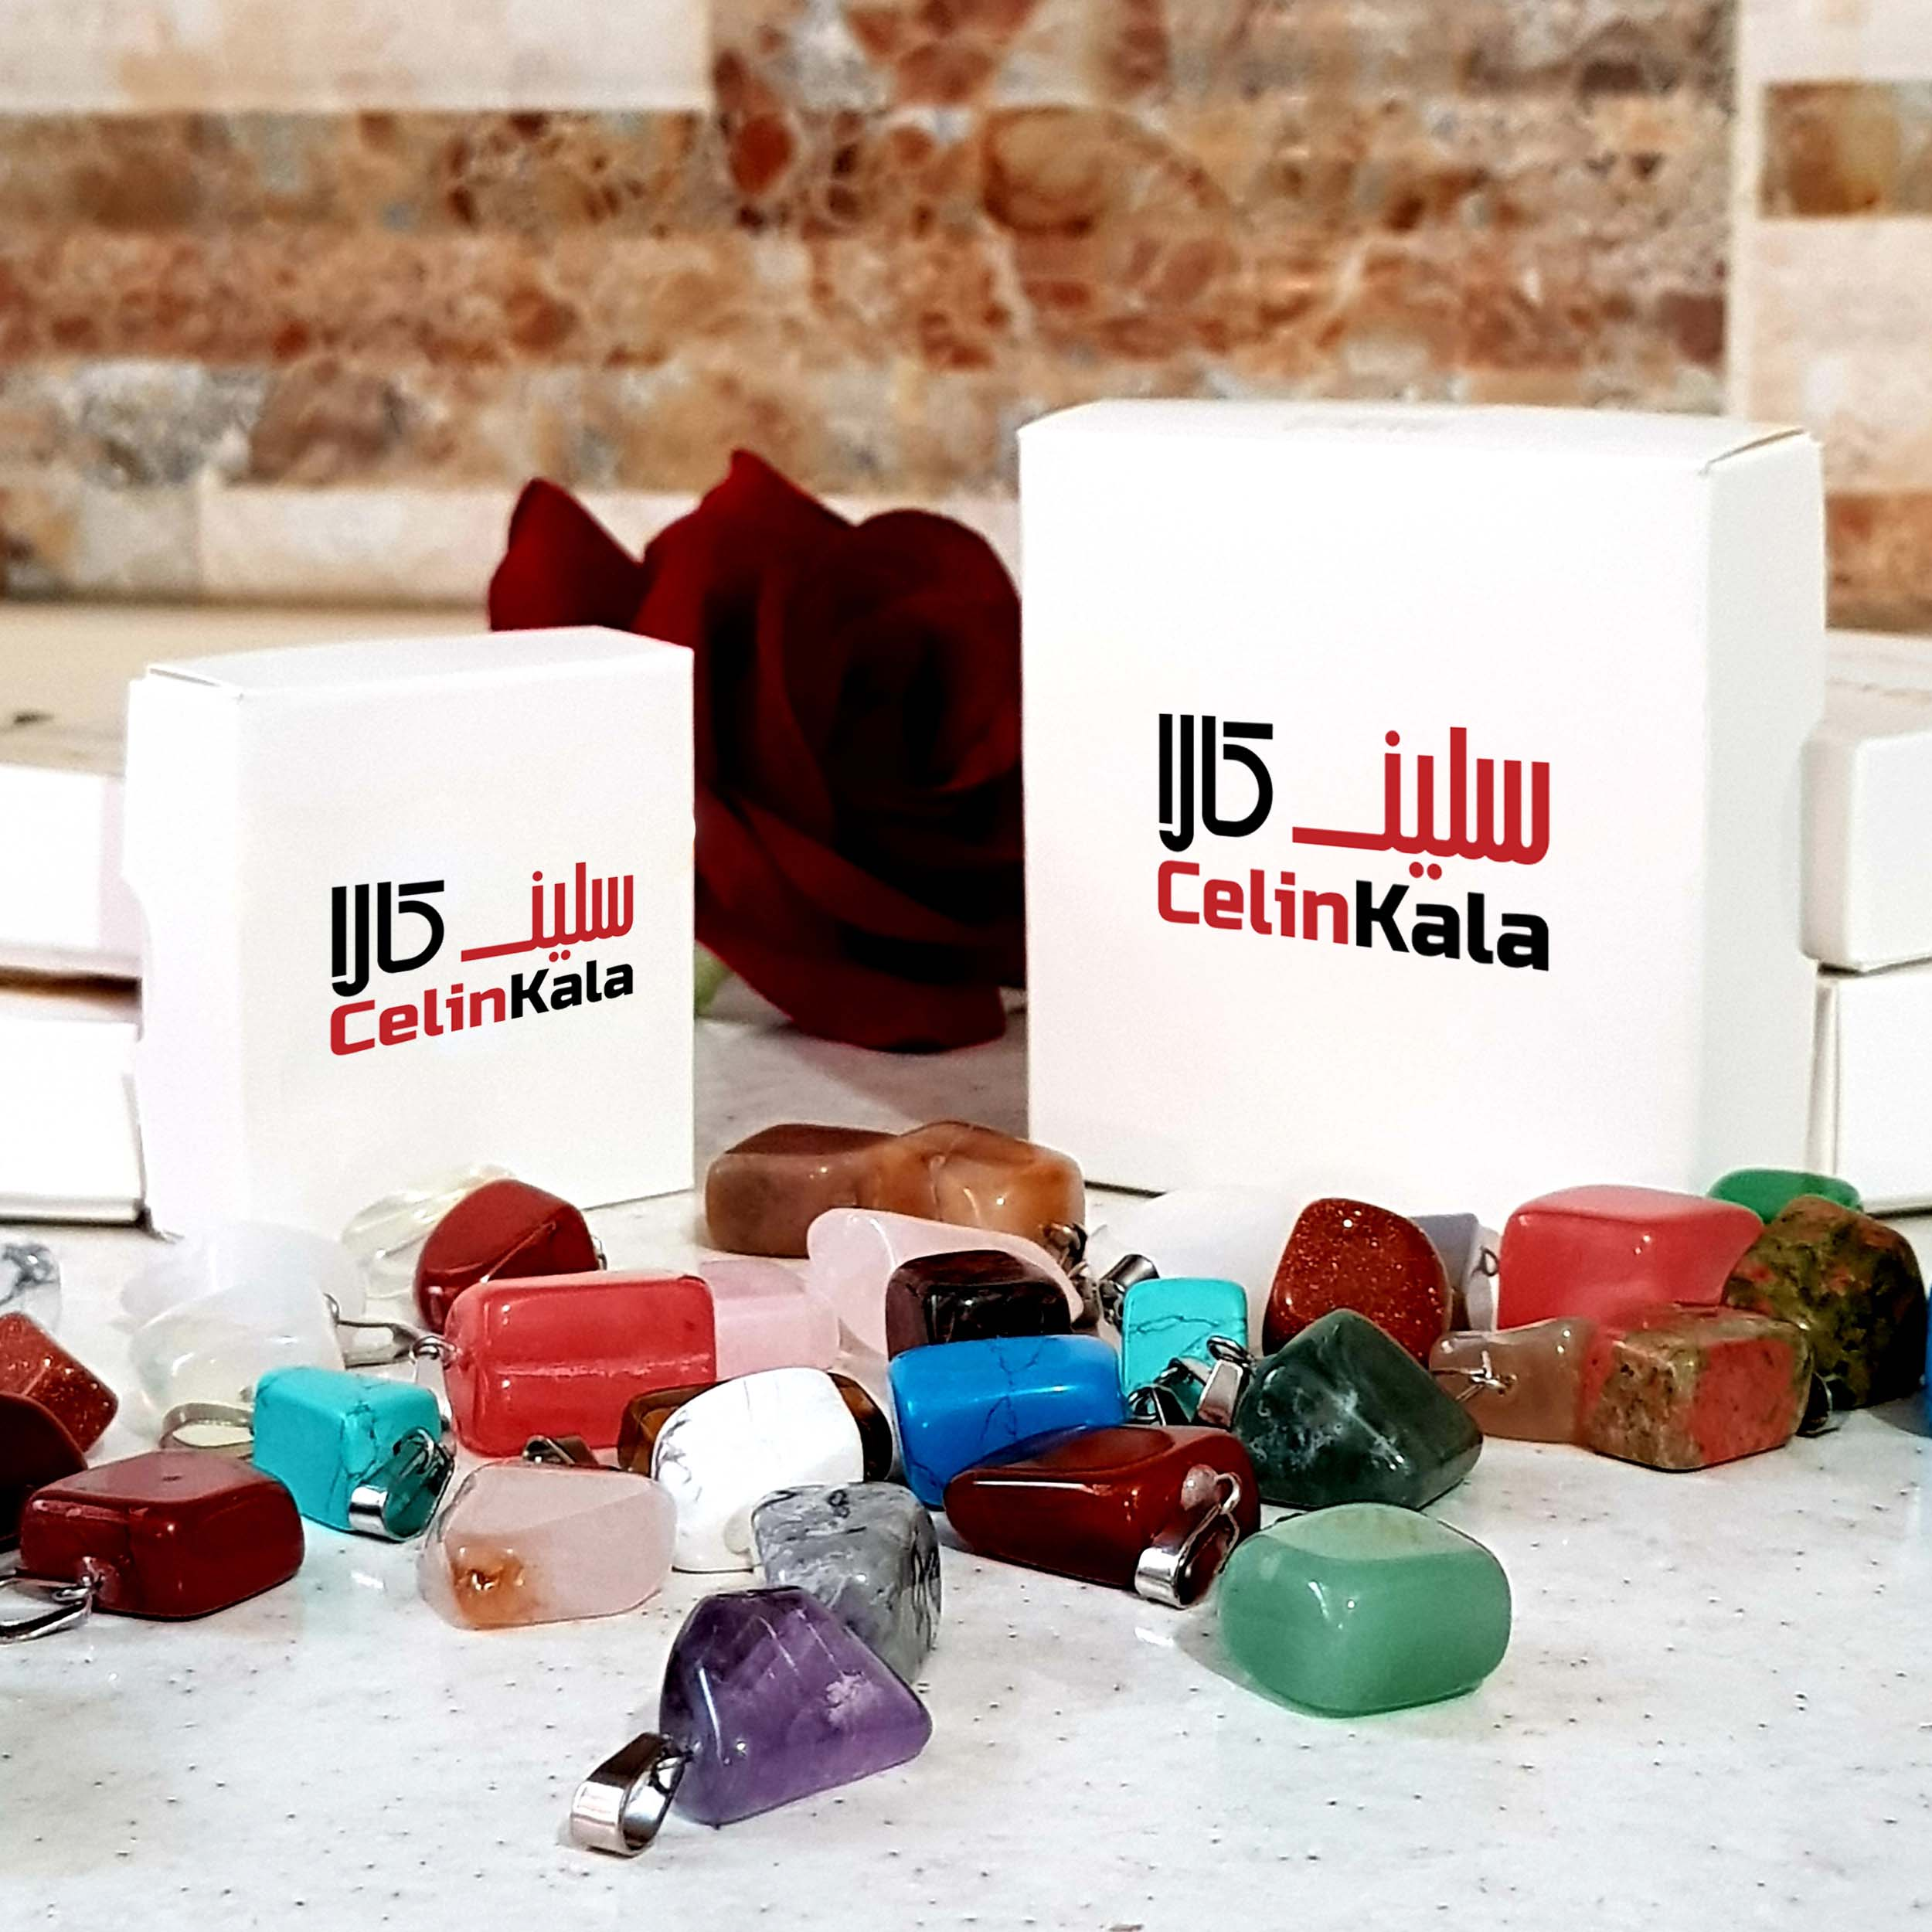 سنگ عقیق شجر سلین کالا مدل ce-110